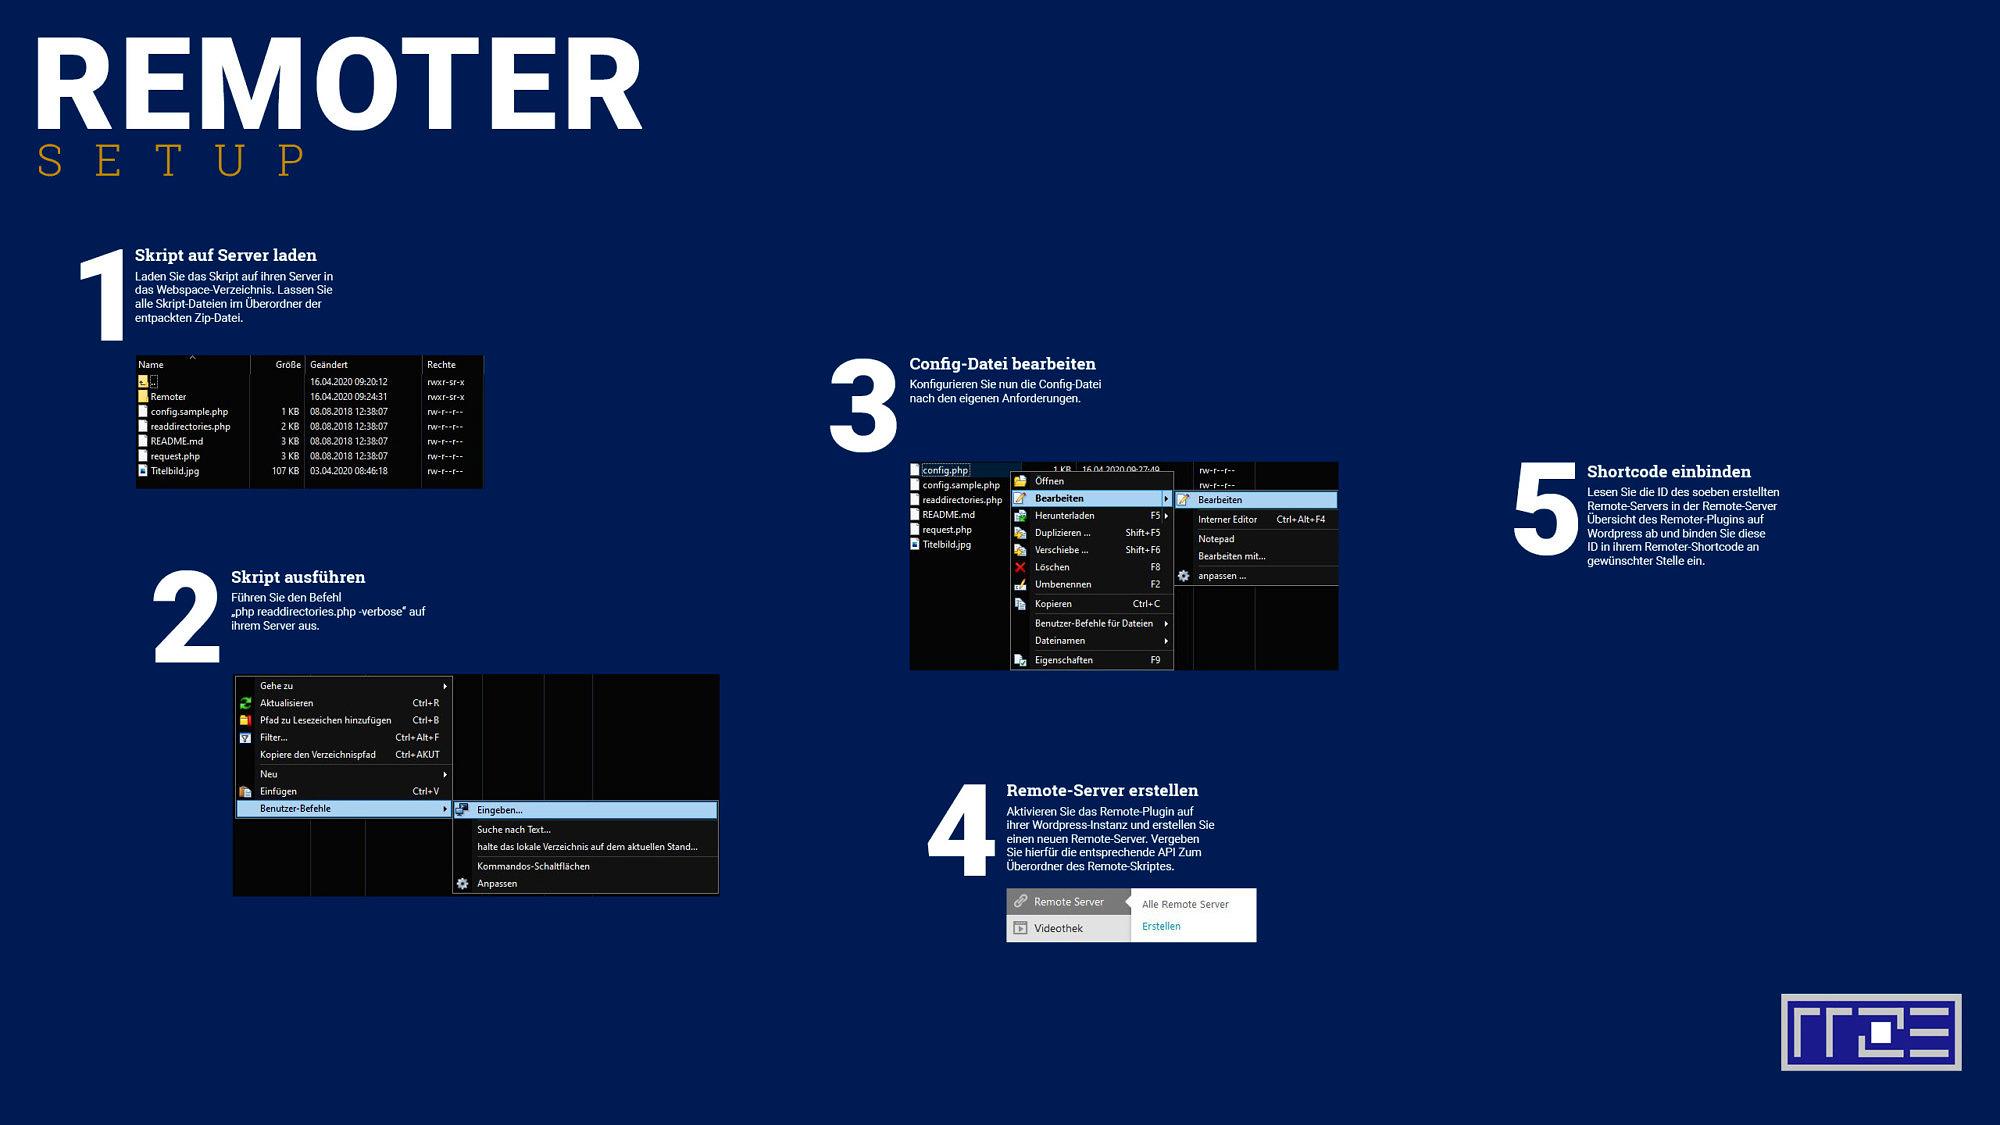 Schaubild Remoter-Setup